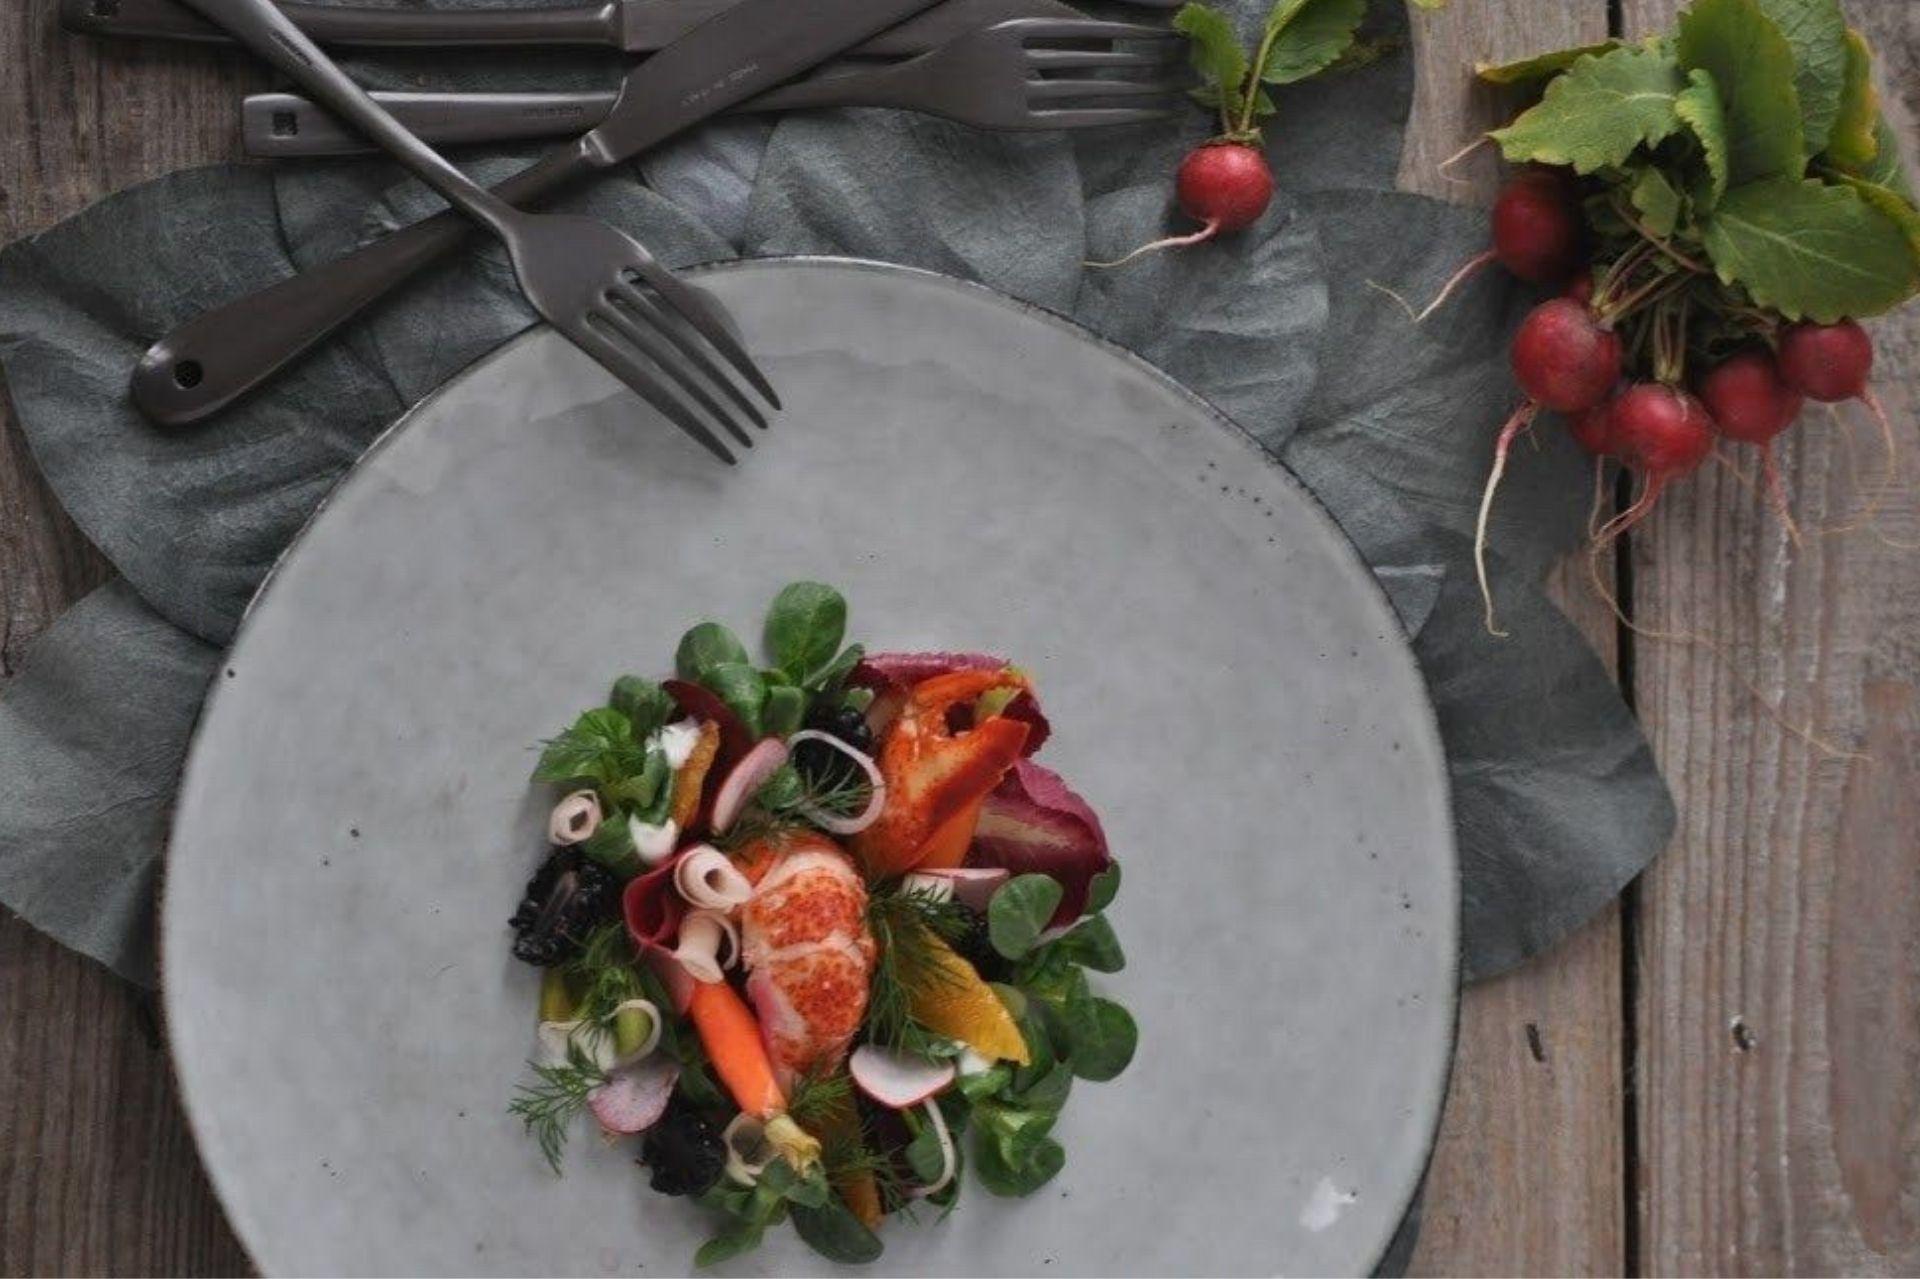 Astice alla catalana con frutta e verdura